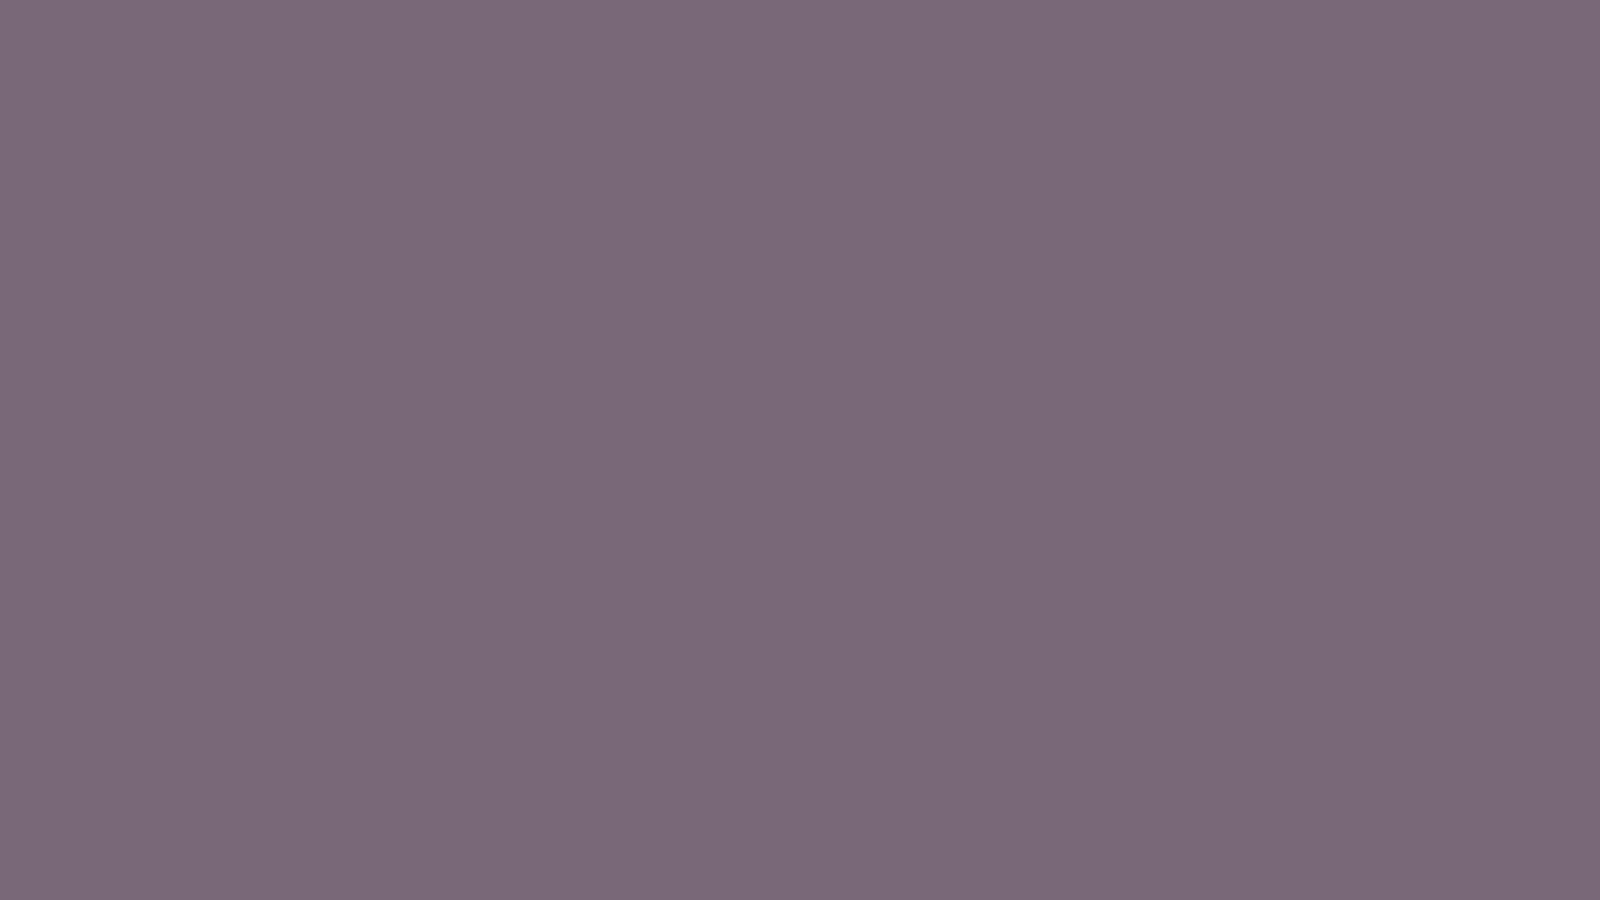 1600x900 Old Lavender Solid Color Background